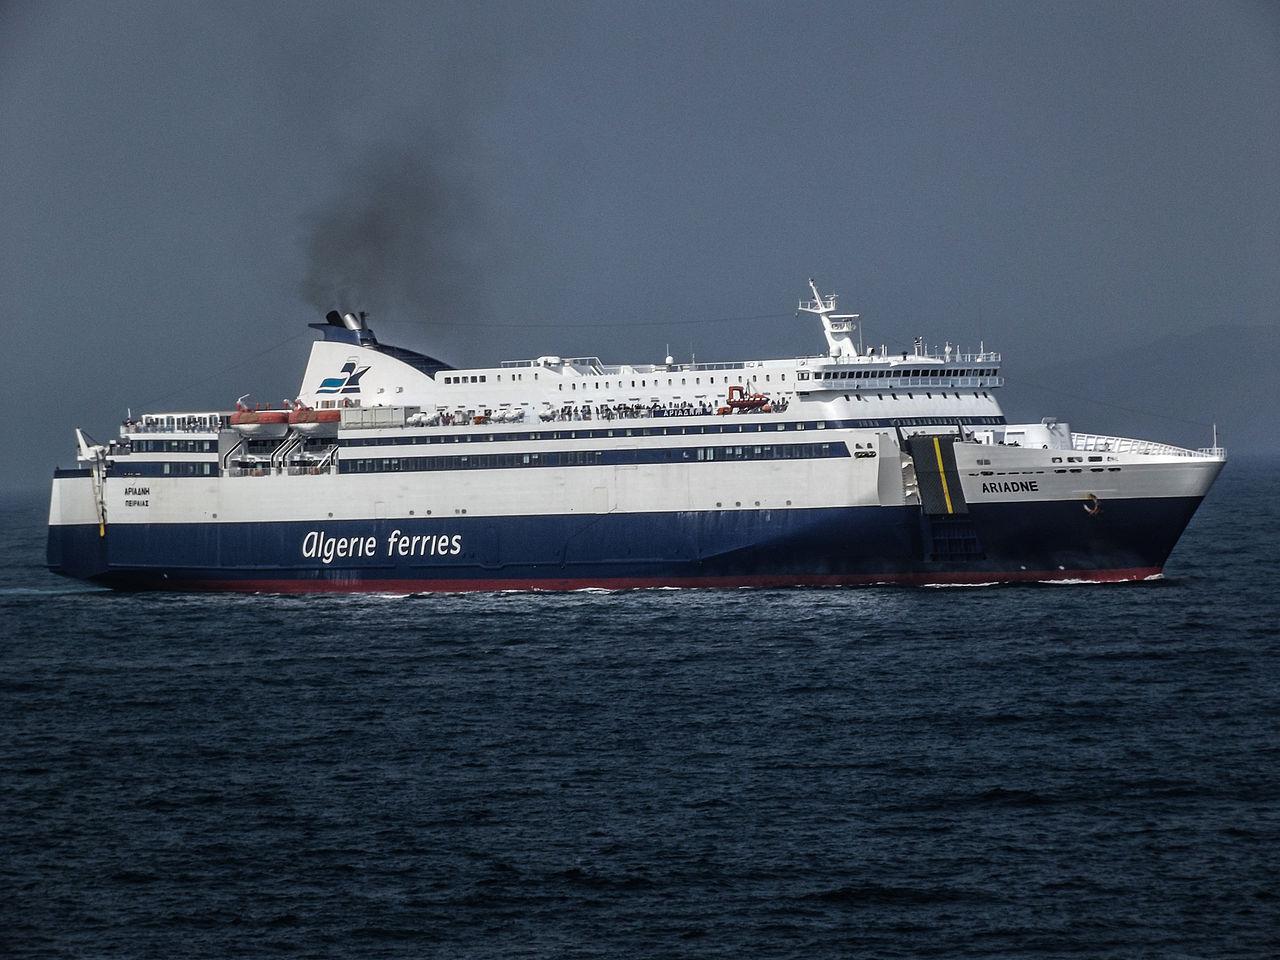 フェリーひむか / Ferry Himuka ...